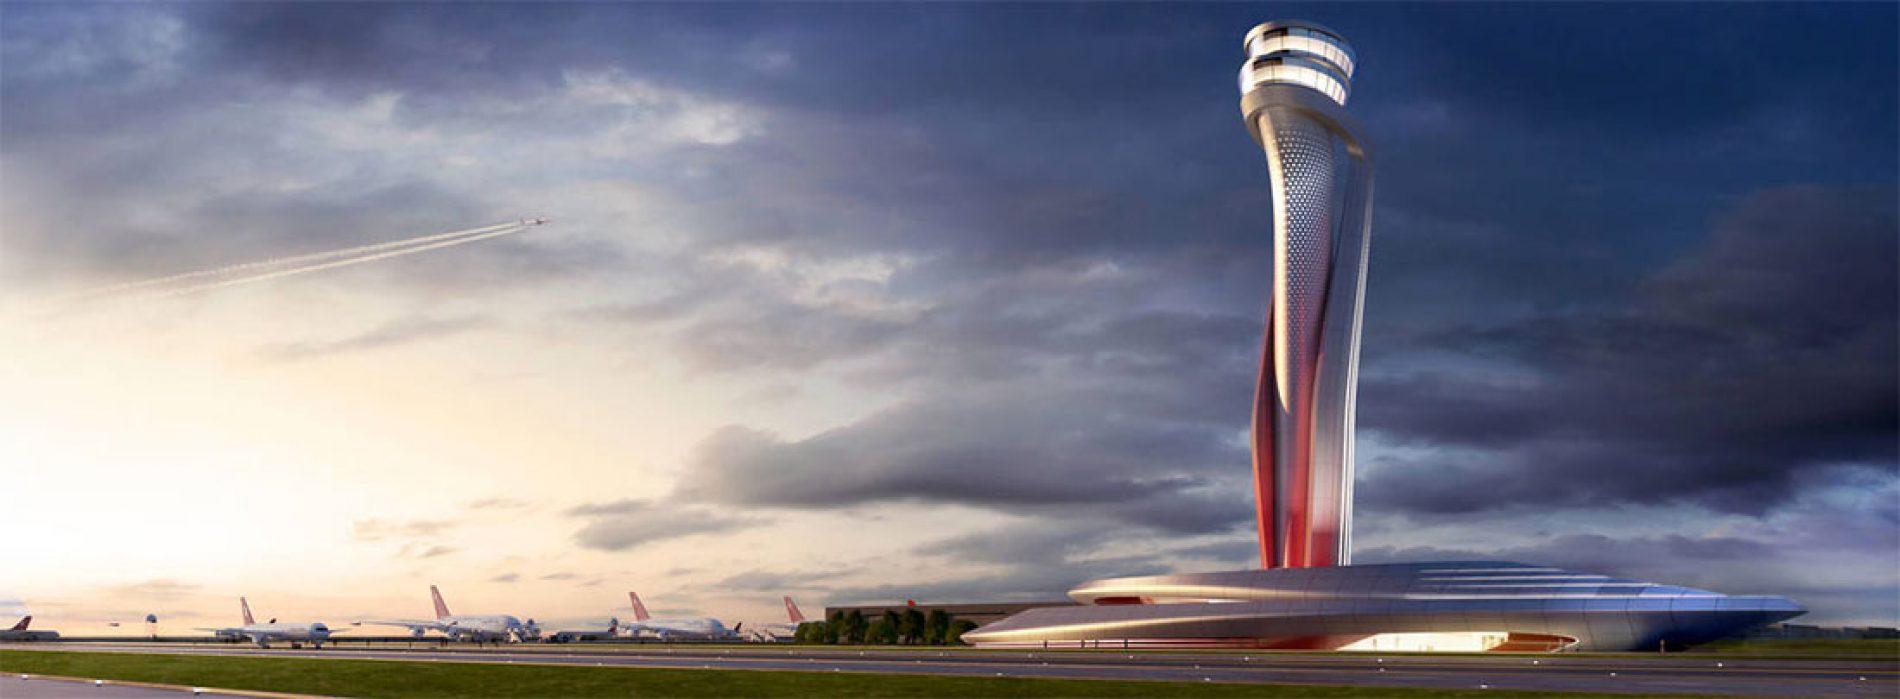 Aeroporto di Istanbul una nuova Torre di controllo